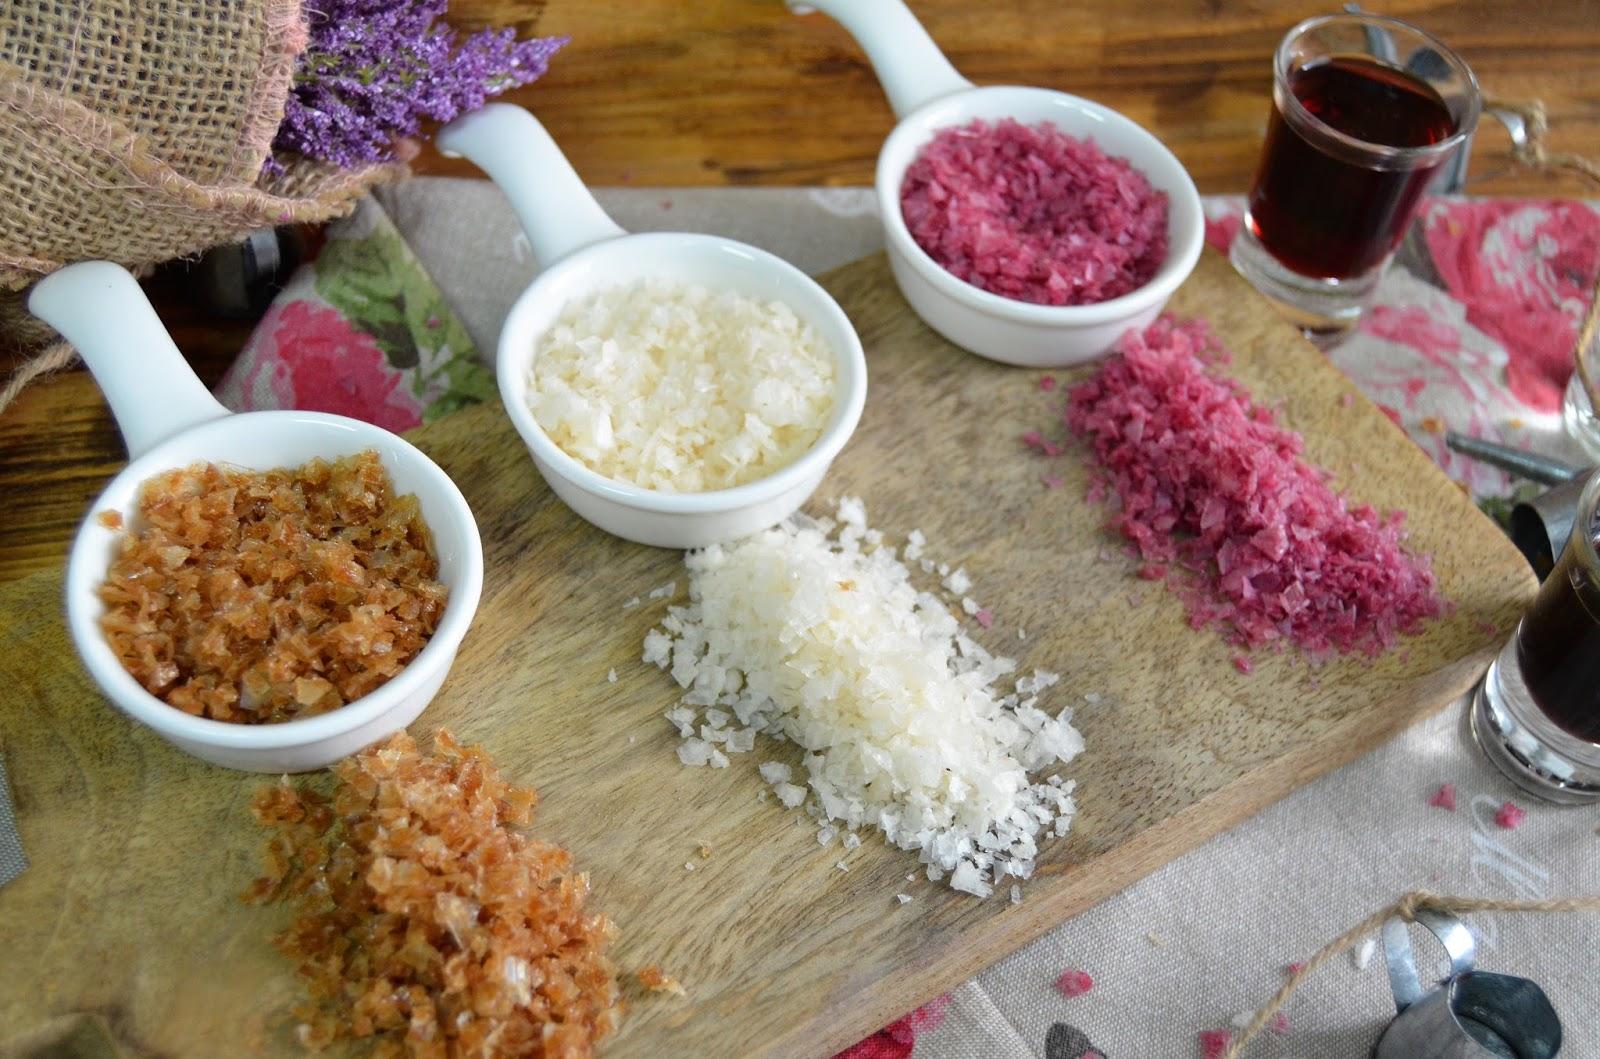 Las delicias de mayte sal de vinos tinto blanco pedro ximenez - Vino de pedro ximenez para cocinar ...